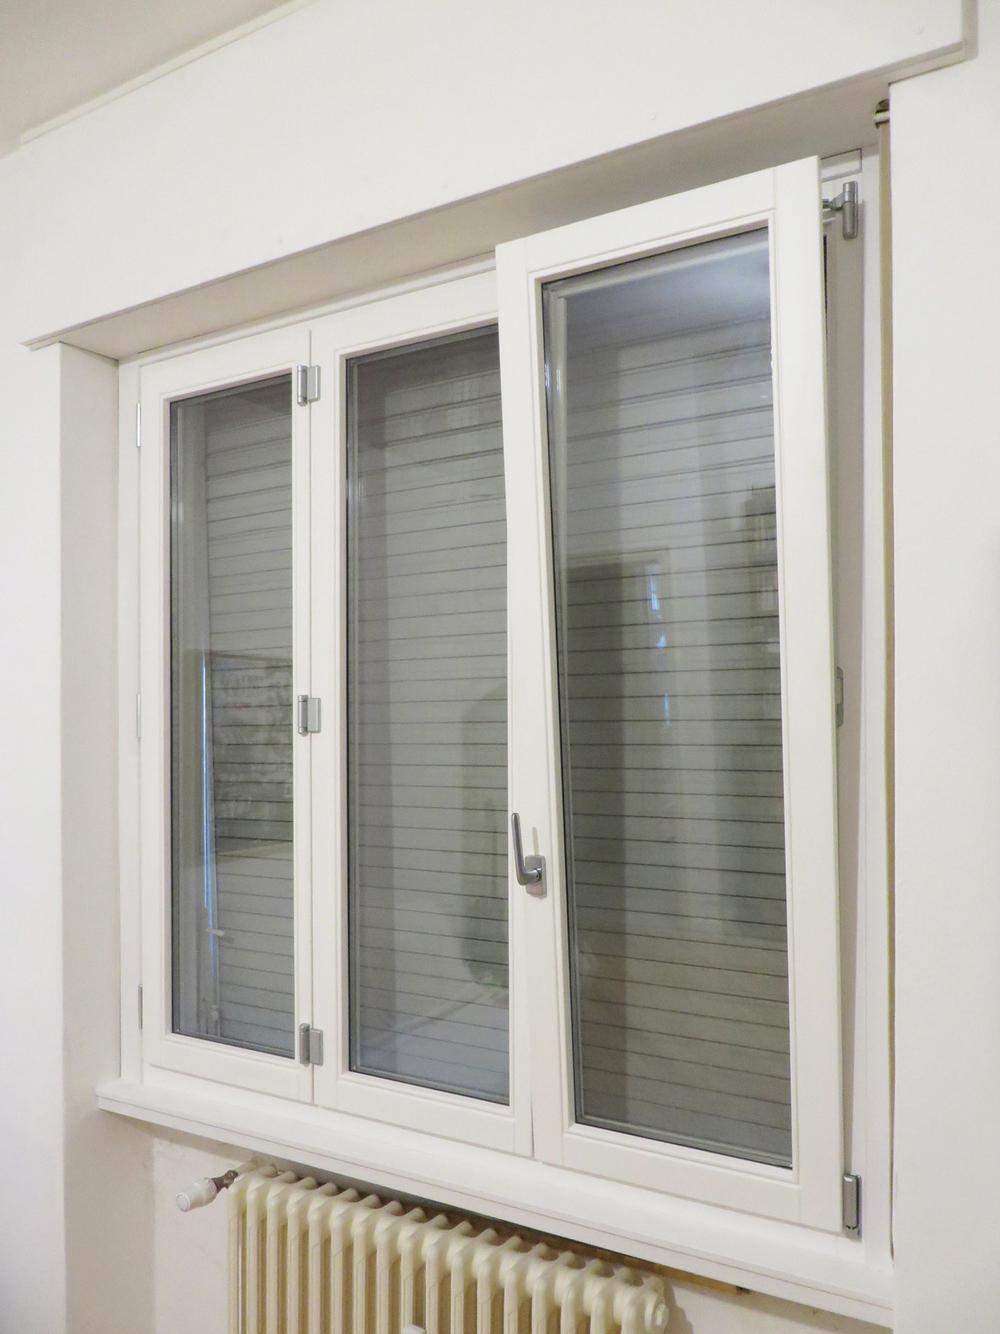 Legno alluminio roncoroni legno - Finestre in legno bianche ...